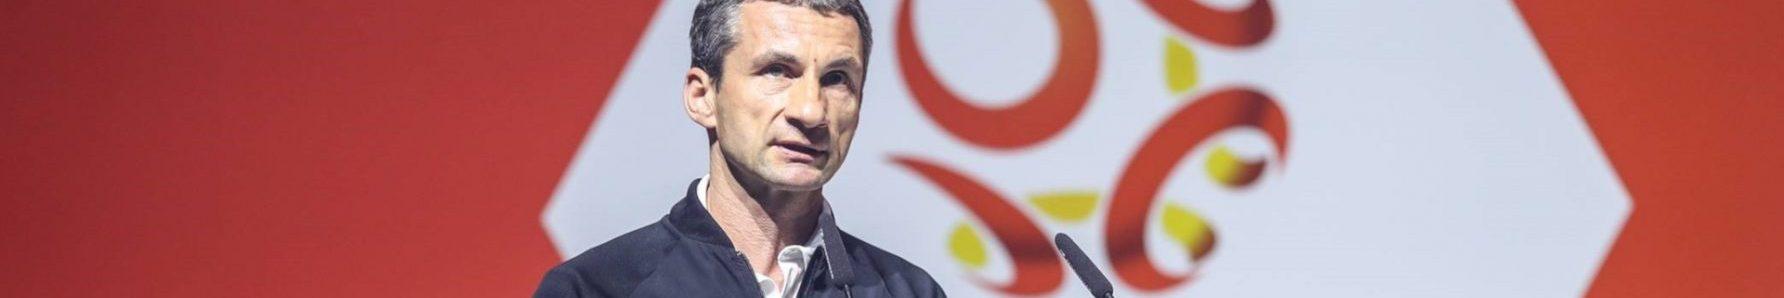 Dr Remigiusz Rzepka na szkoleniu PZPN